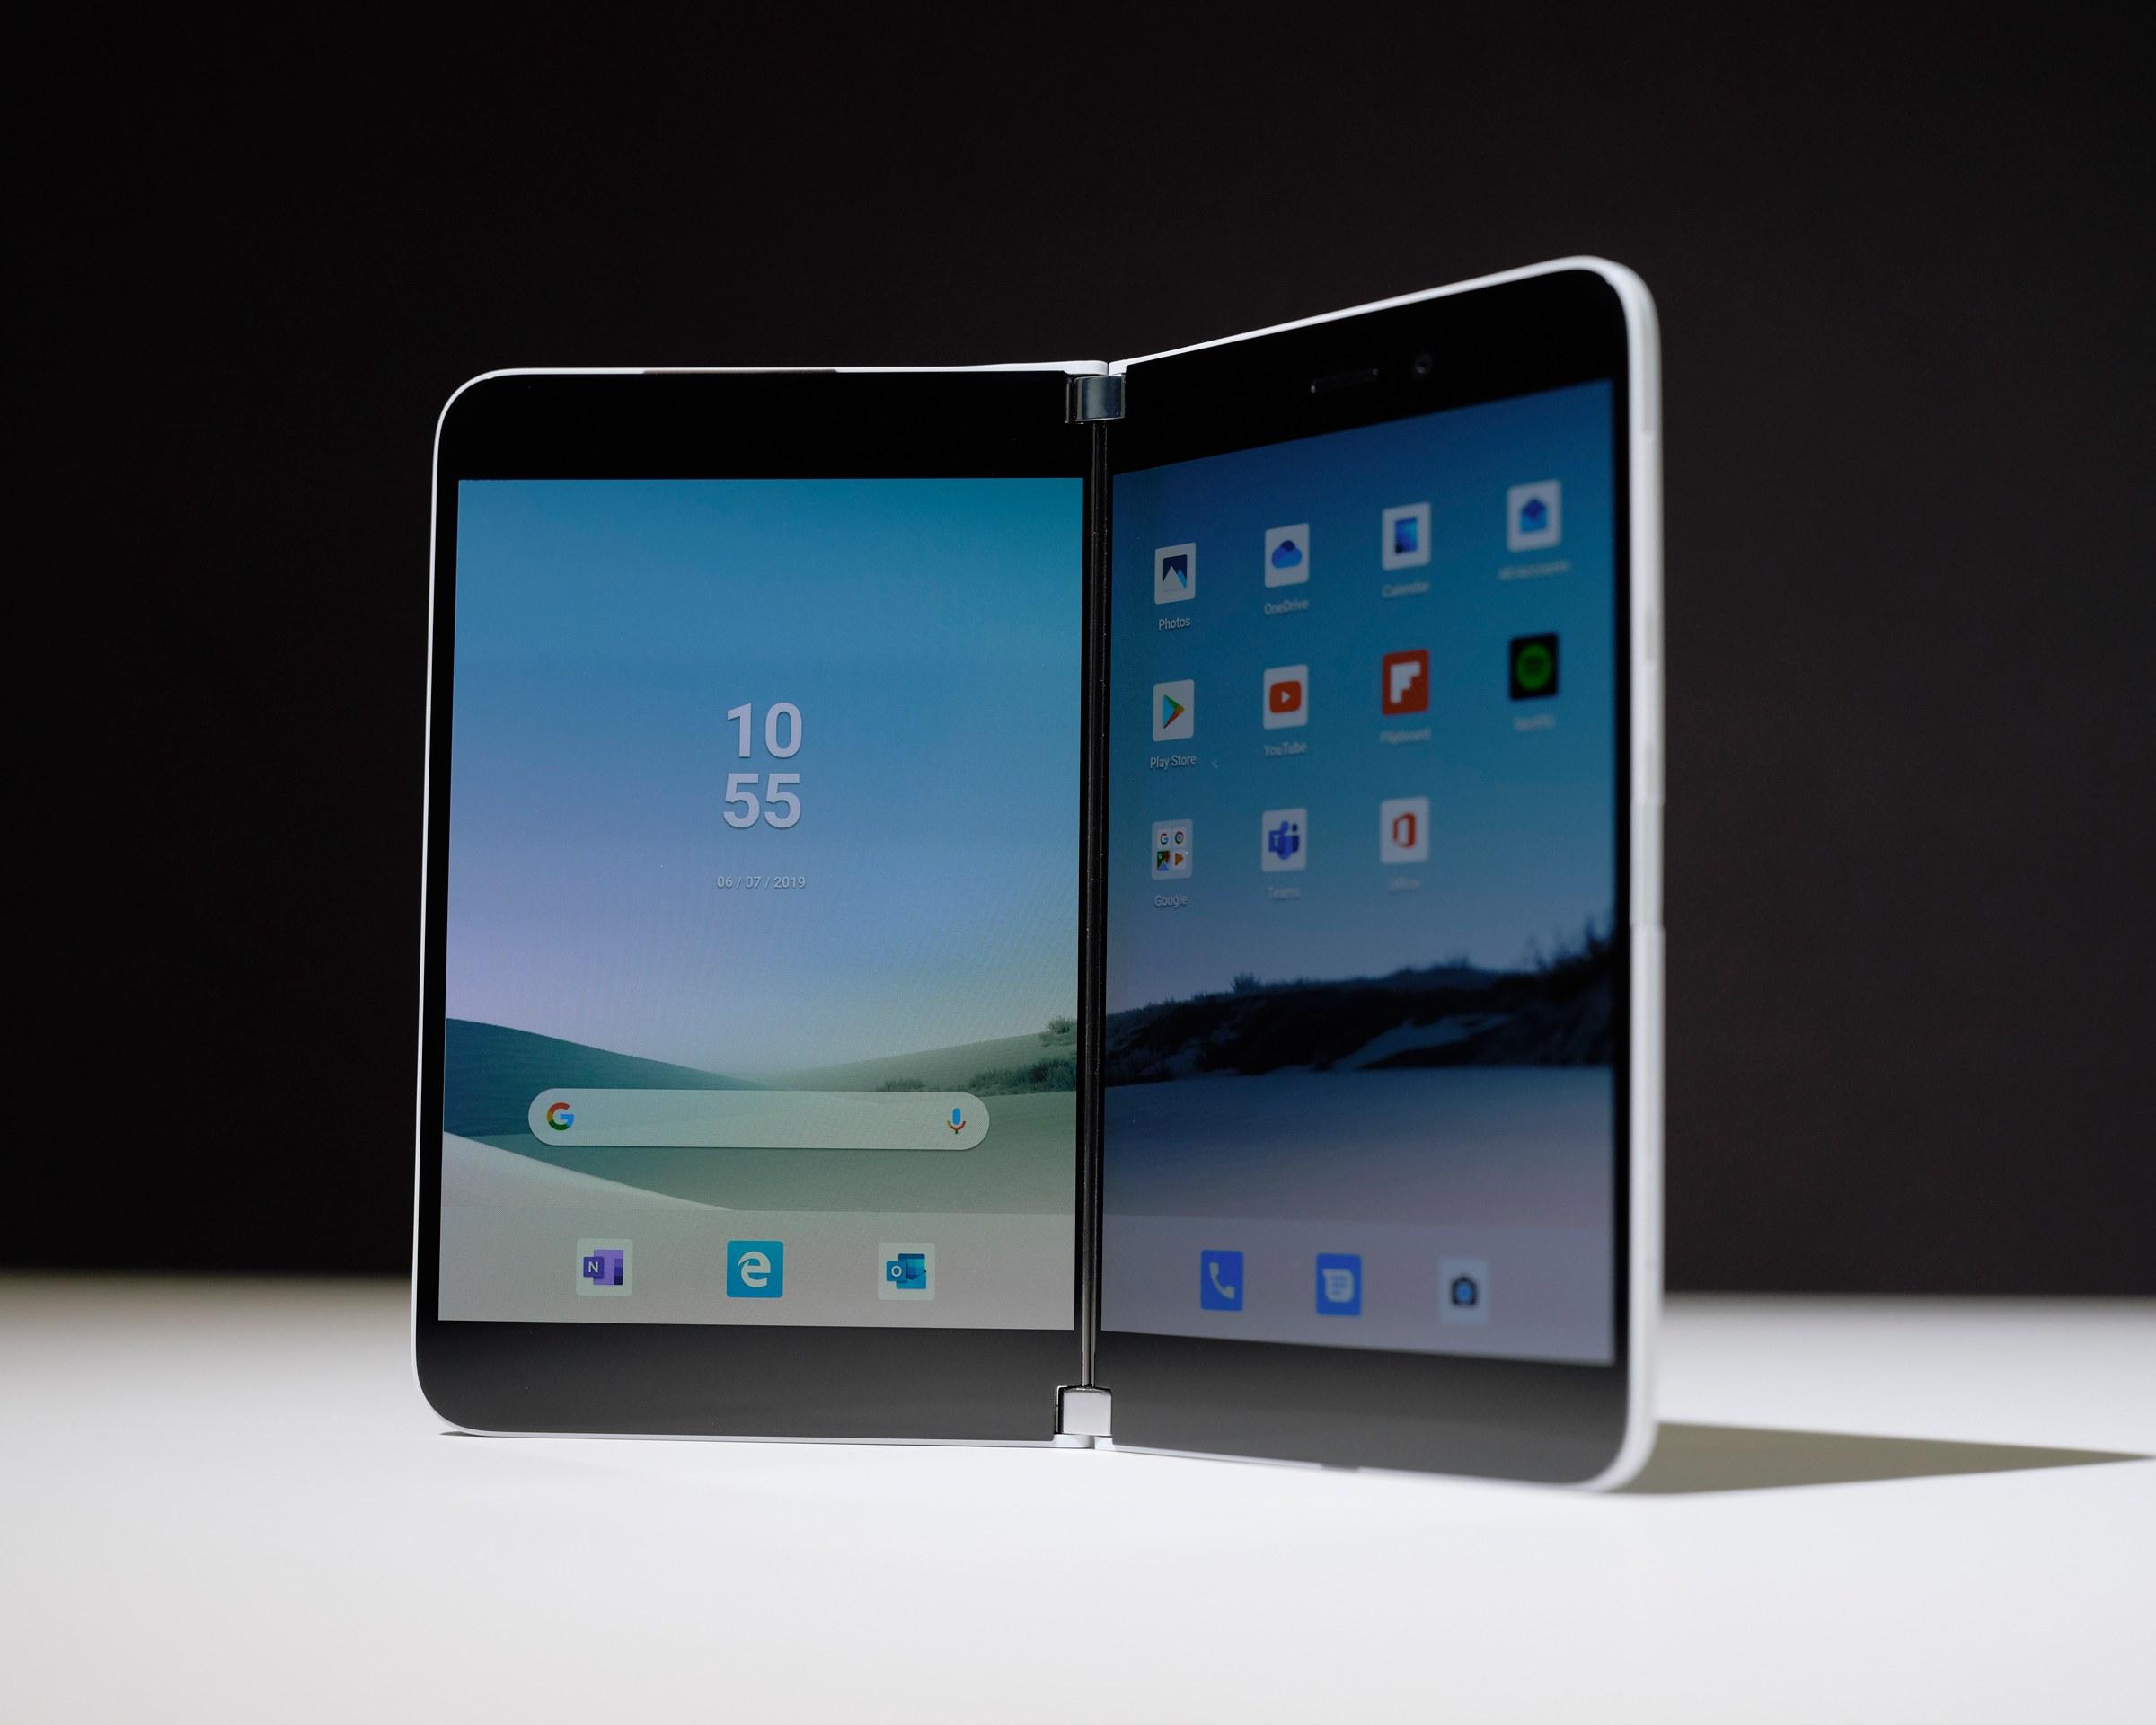 Surface Duo: Chiếc smartphone chạy Android đầu tiên của Microsoft đã chính thức thành hiện thực